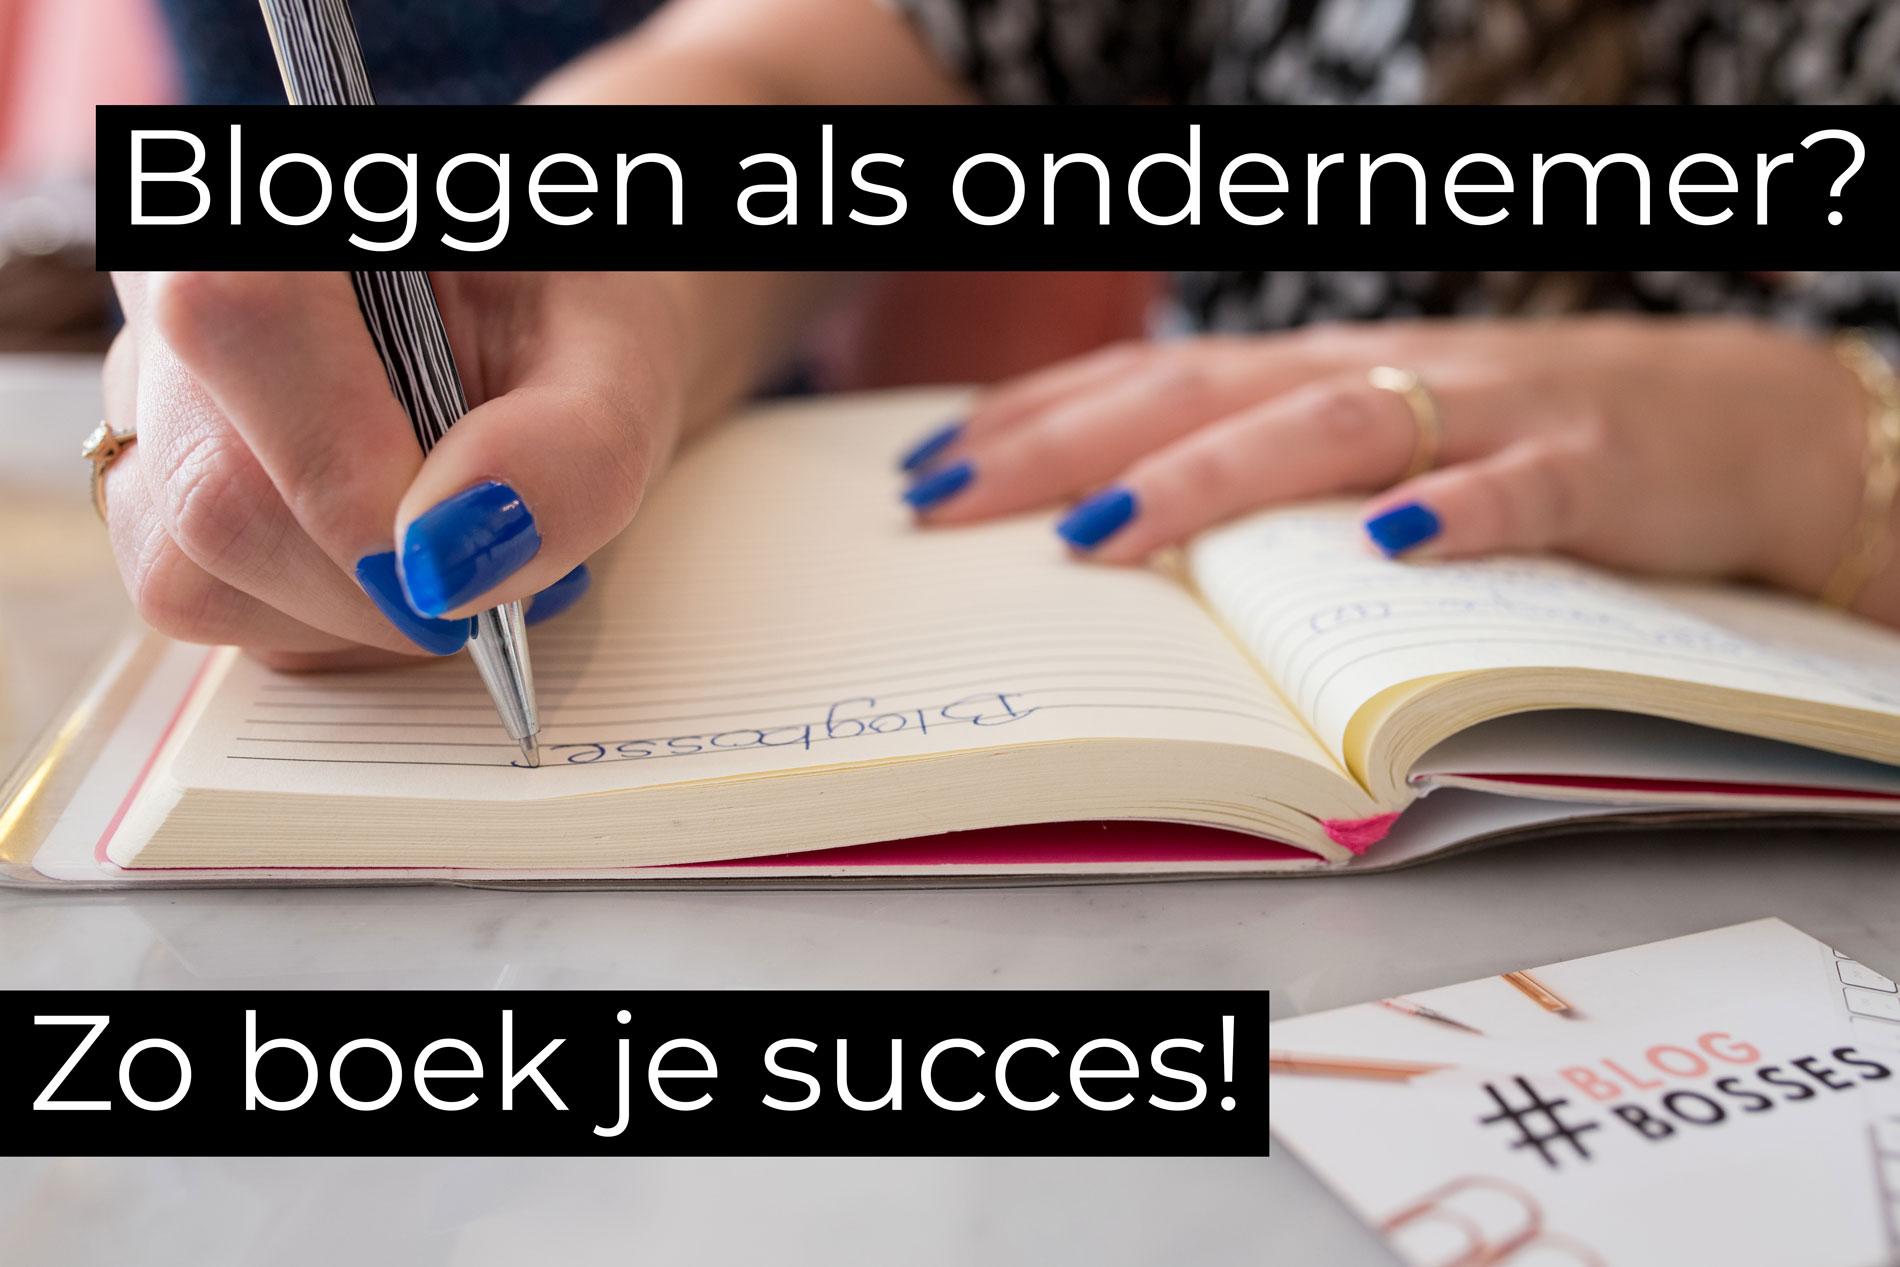 Bloggen als ondernemer? Zo boek je succes!